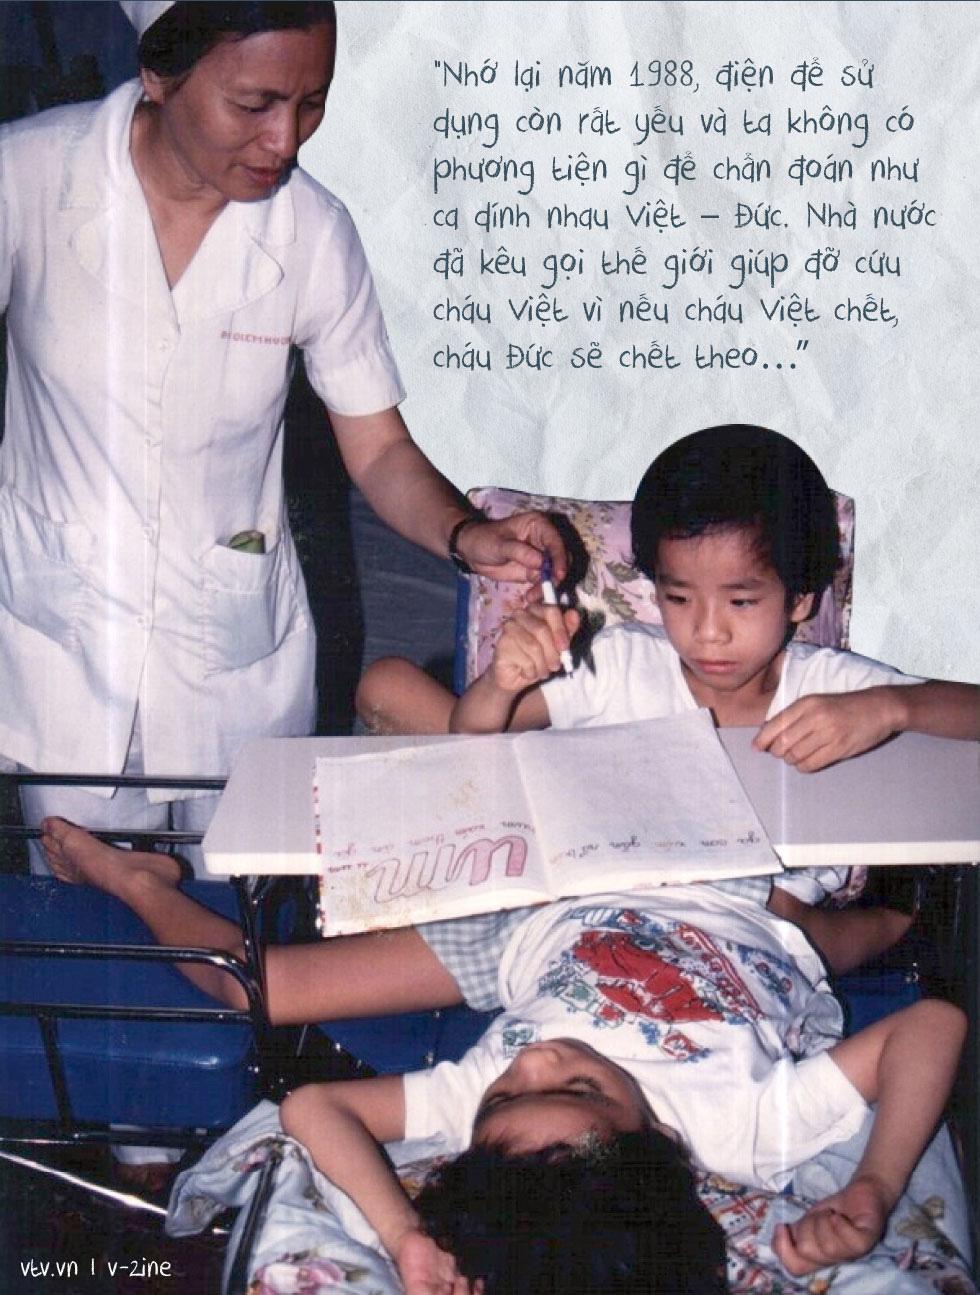 Từ kỳ tích Việt - Đức, Song Nhi đến ước mơ trẻ em ở đâu cũng được chăm sóc tốt nhất - Ảnh 6.